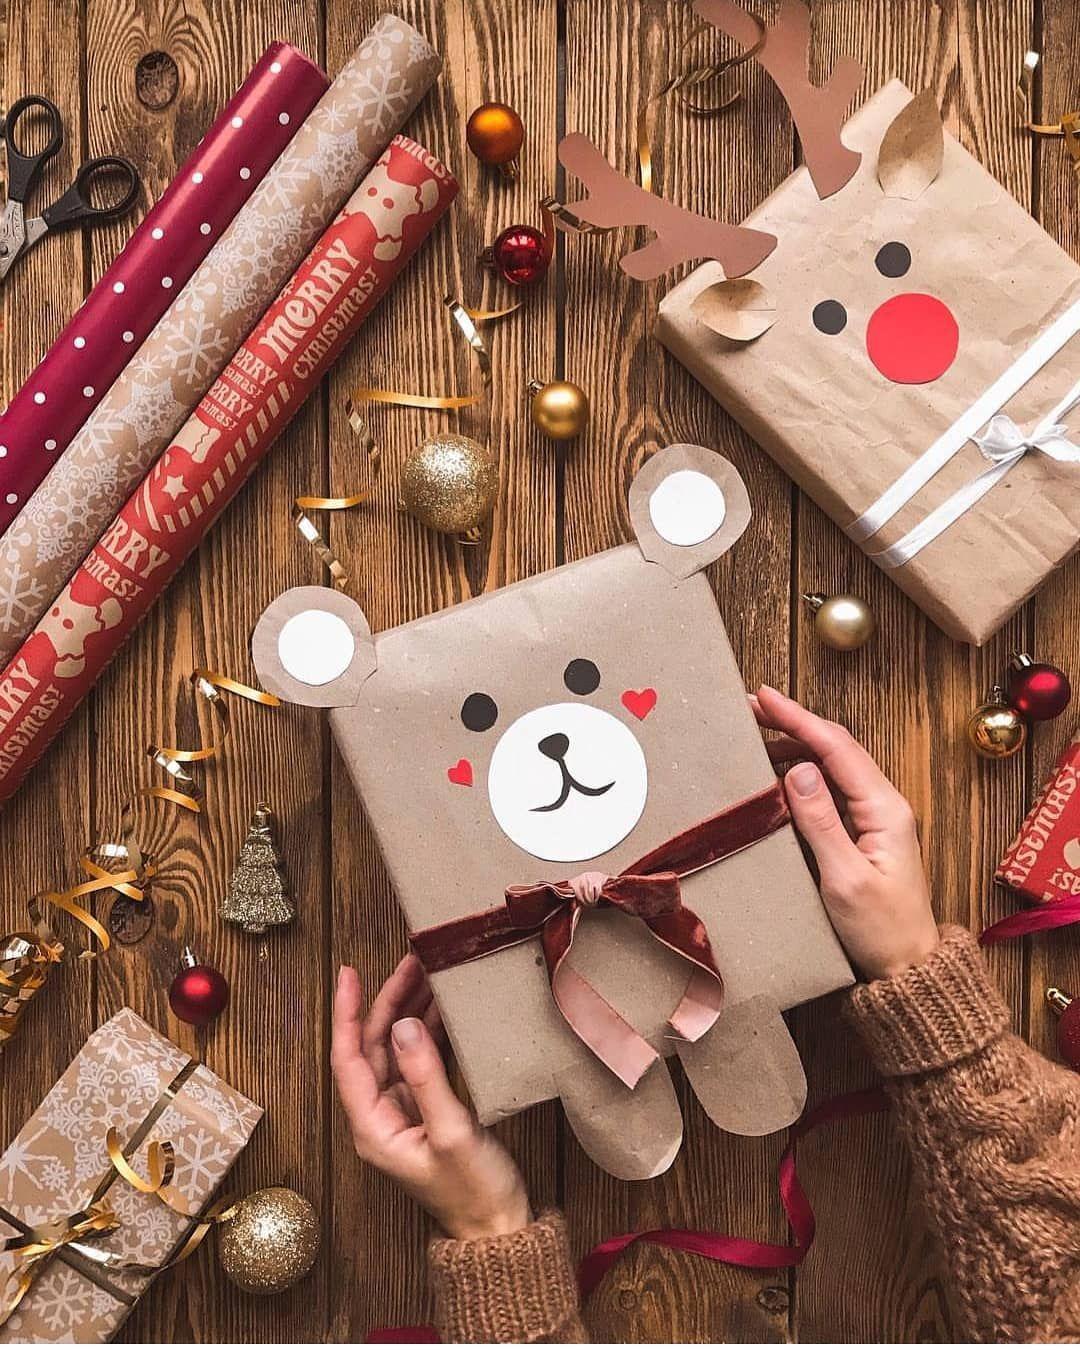 Όμορφες DIY ιδέες για το περιτύλιγμα των δώρων που θα προσφέρετε φέτος τα Χριστούγεννα!